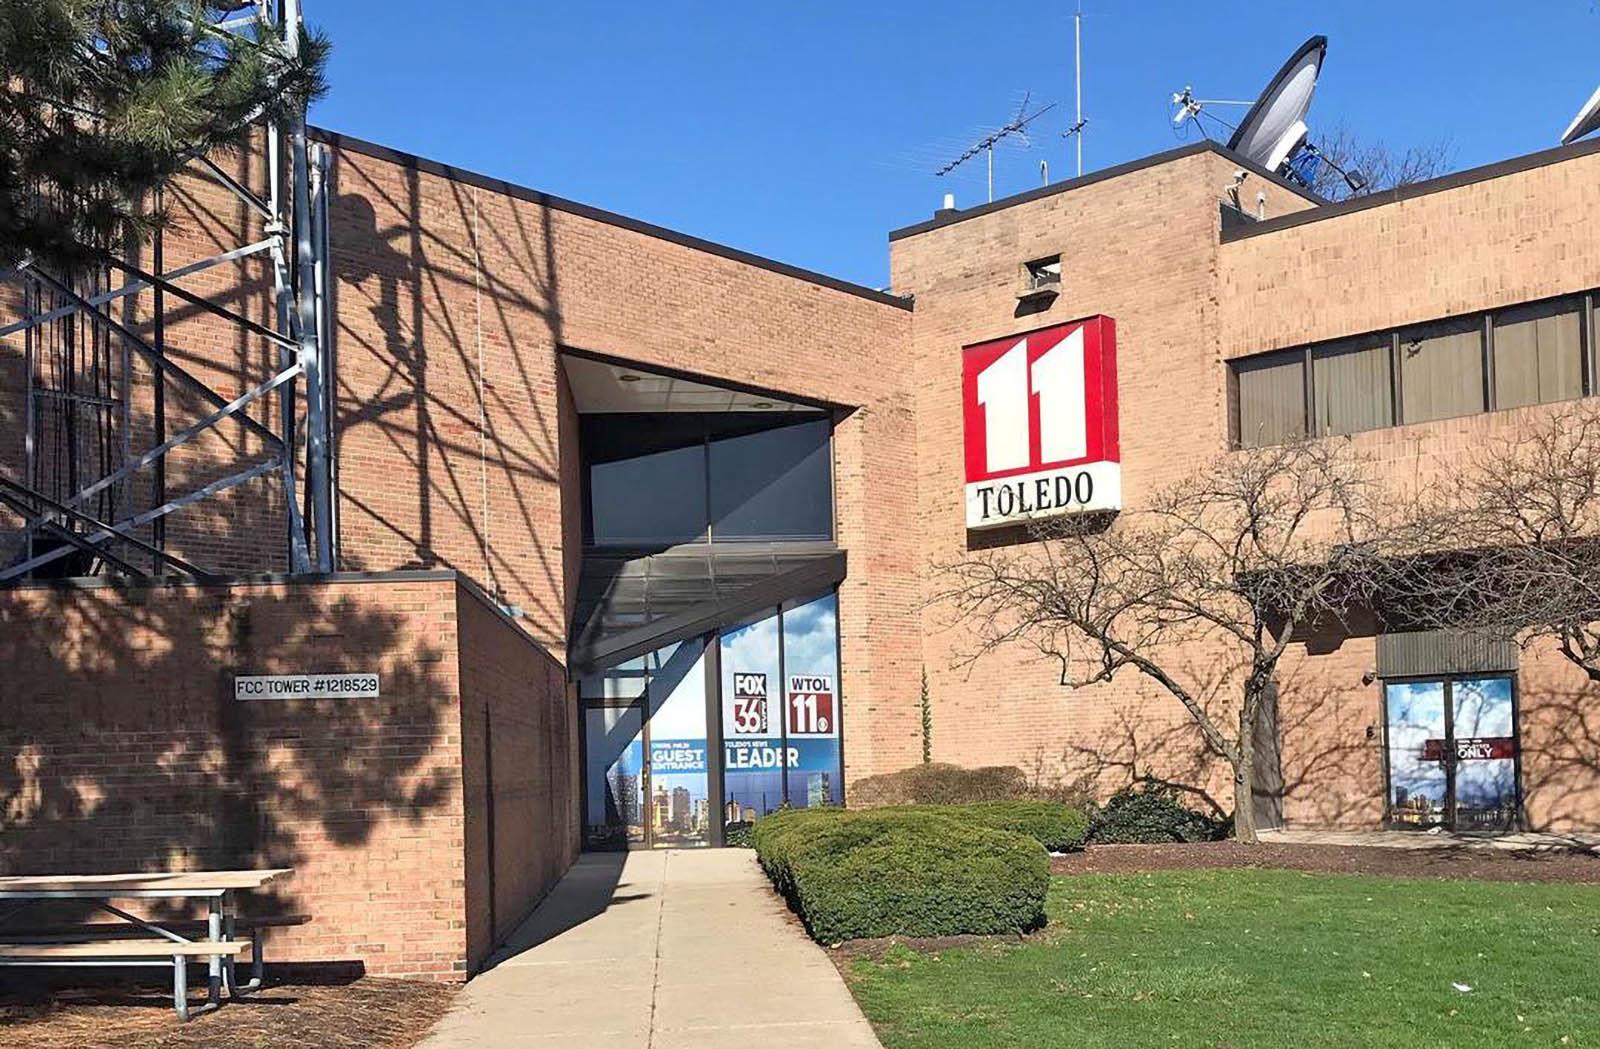 WTOL News Toledo studio building